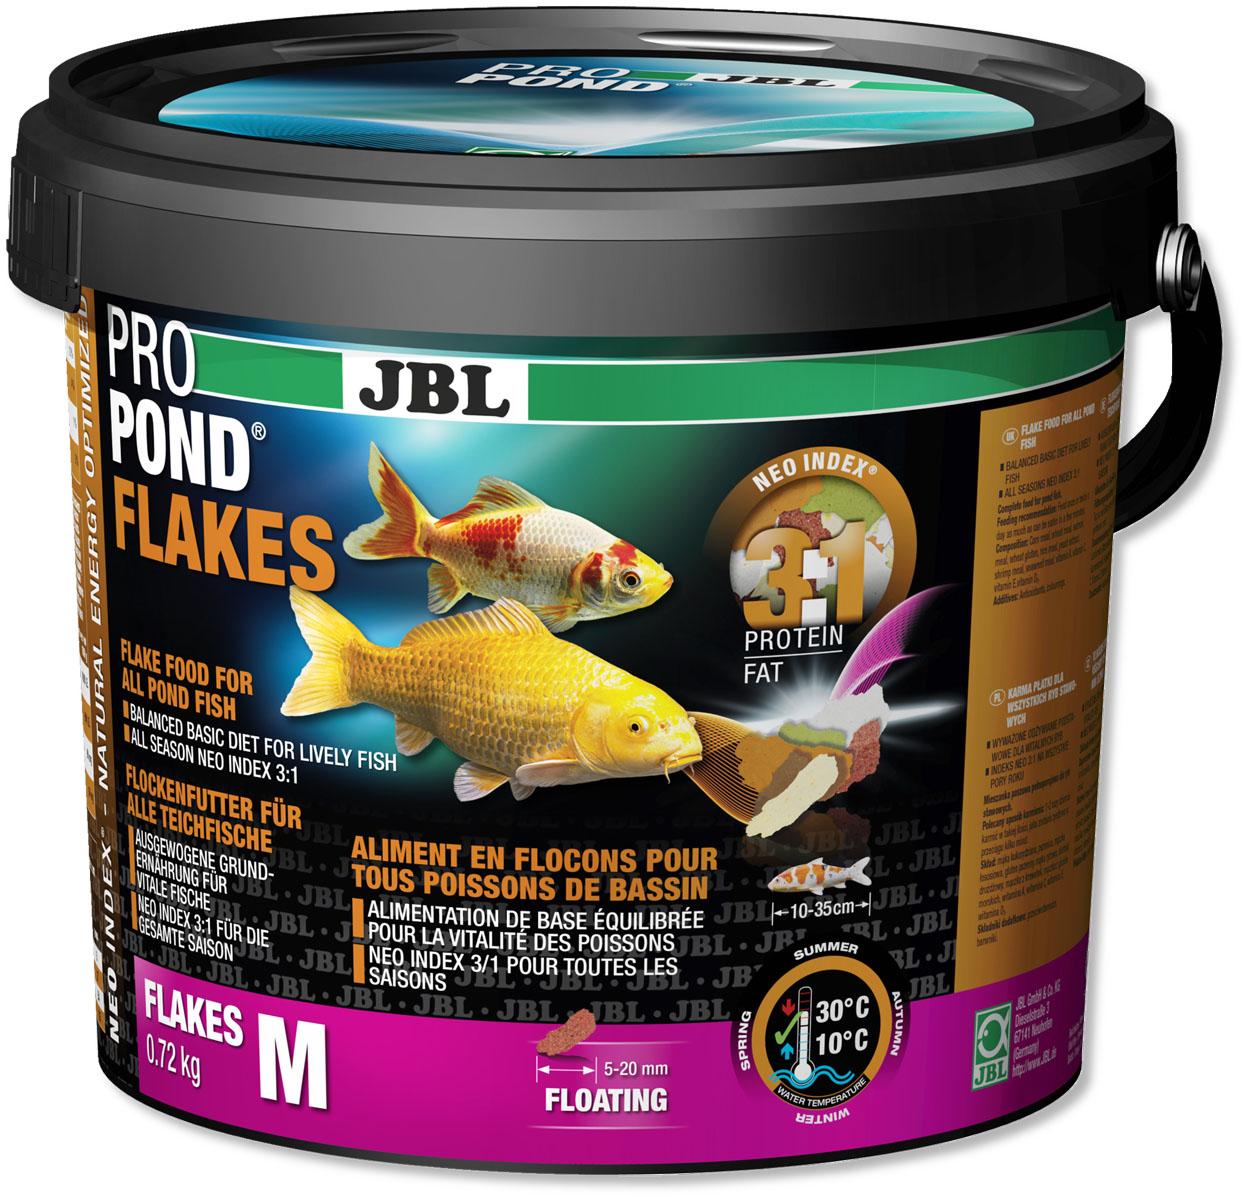 Корм JBL ProPond. Flakes M для прудовых рыб среднего размера, плавающие хлопья, 720 г (5,5 л)JBL4127116Корм JBL ProPond. Flakes M в виде плавающих хлопьев предназначен для прудовых рыб среднего размера. Это основной корм с правильным соотношением белков и жиров 3:1 по индексу NEO Index, учитывающему температуру воды, функции, размер и возраст питомцев. NEO Индекс буквально означает: натуральное энергетически оптимизированное питание. Если рассматривать с точки зрения времени года, рыбы зимой должны получать вдвое меньше белков (2:1), чем летом (4:1). Однако учитываются не только время года и температура воды, но и размер, и возраст, а также функция корма (например, для роста - ProPond Growth). NEO Индекс сочетает в себе все эти нюансы. Корм содержит пшеницу, гаммарус, лосось, креветки и водоросли для силы и здоровья прудовых рыб (температура воды 10-30°C). Размер корма M (5-20 мм) предназначен для рыб 10-35 см. Плавучие хлопья с 12% белка, 4% жира, 1% клетчатки, а также 2% золы. Основной корм в закрывающемся, практичном, непрозрачном, водонепроницаемом пластиковом ведре для лучшего качества.Товар сертифицирован.